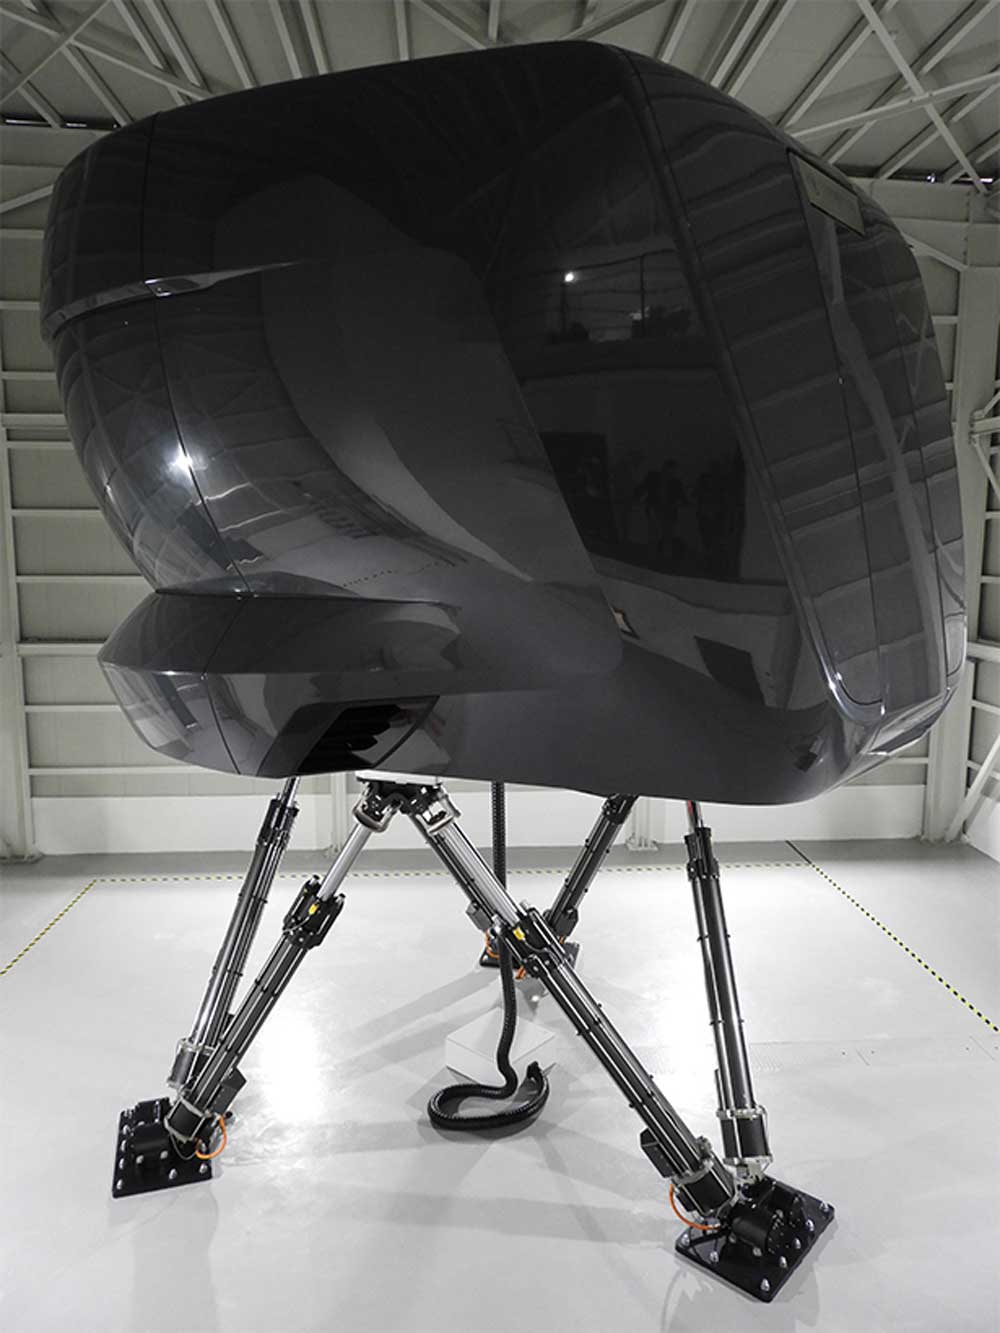 Avion Phantom FFS